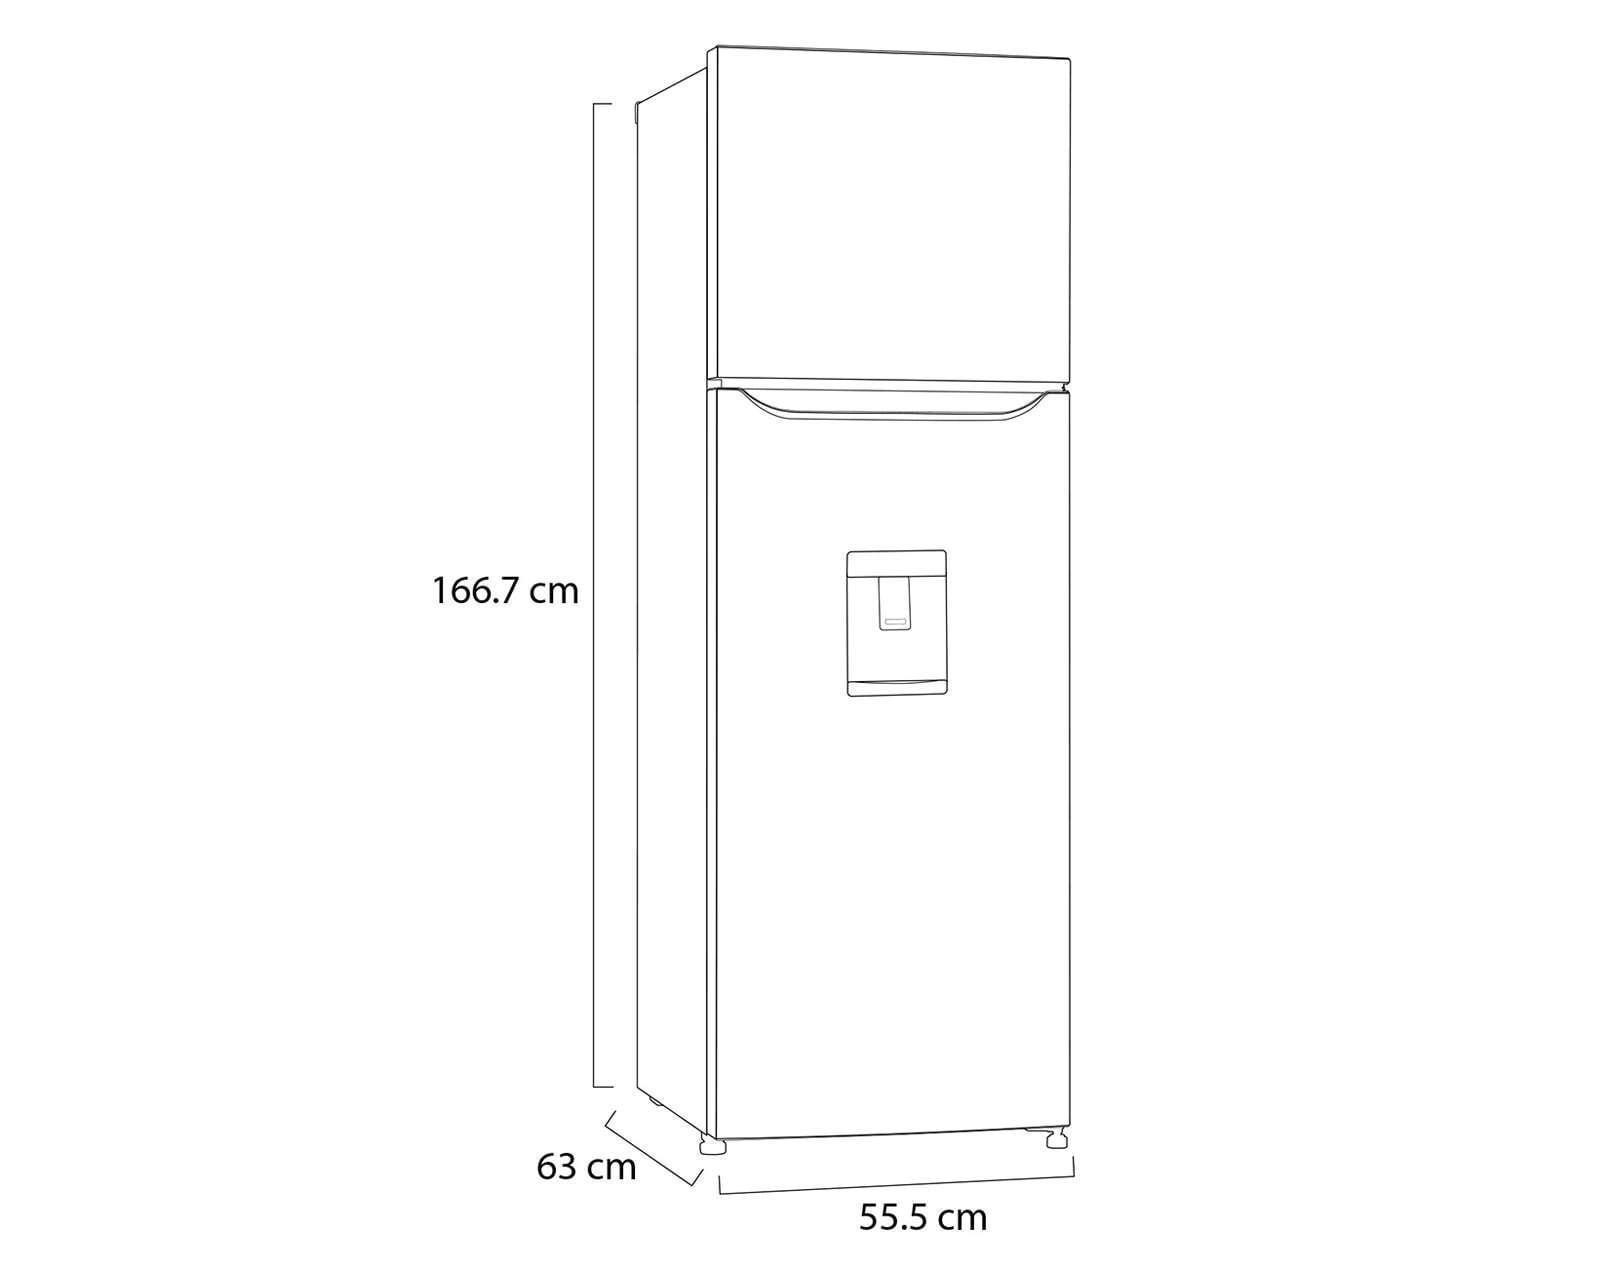 Foto 8|Refrigerador LG Top Mount 9 Pies Acero Inoxidable GT29WDC